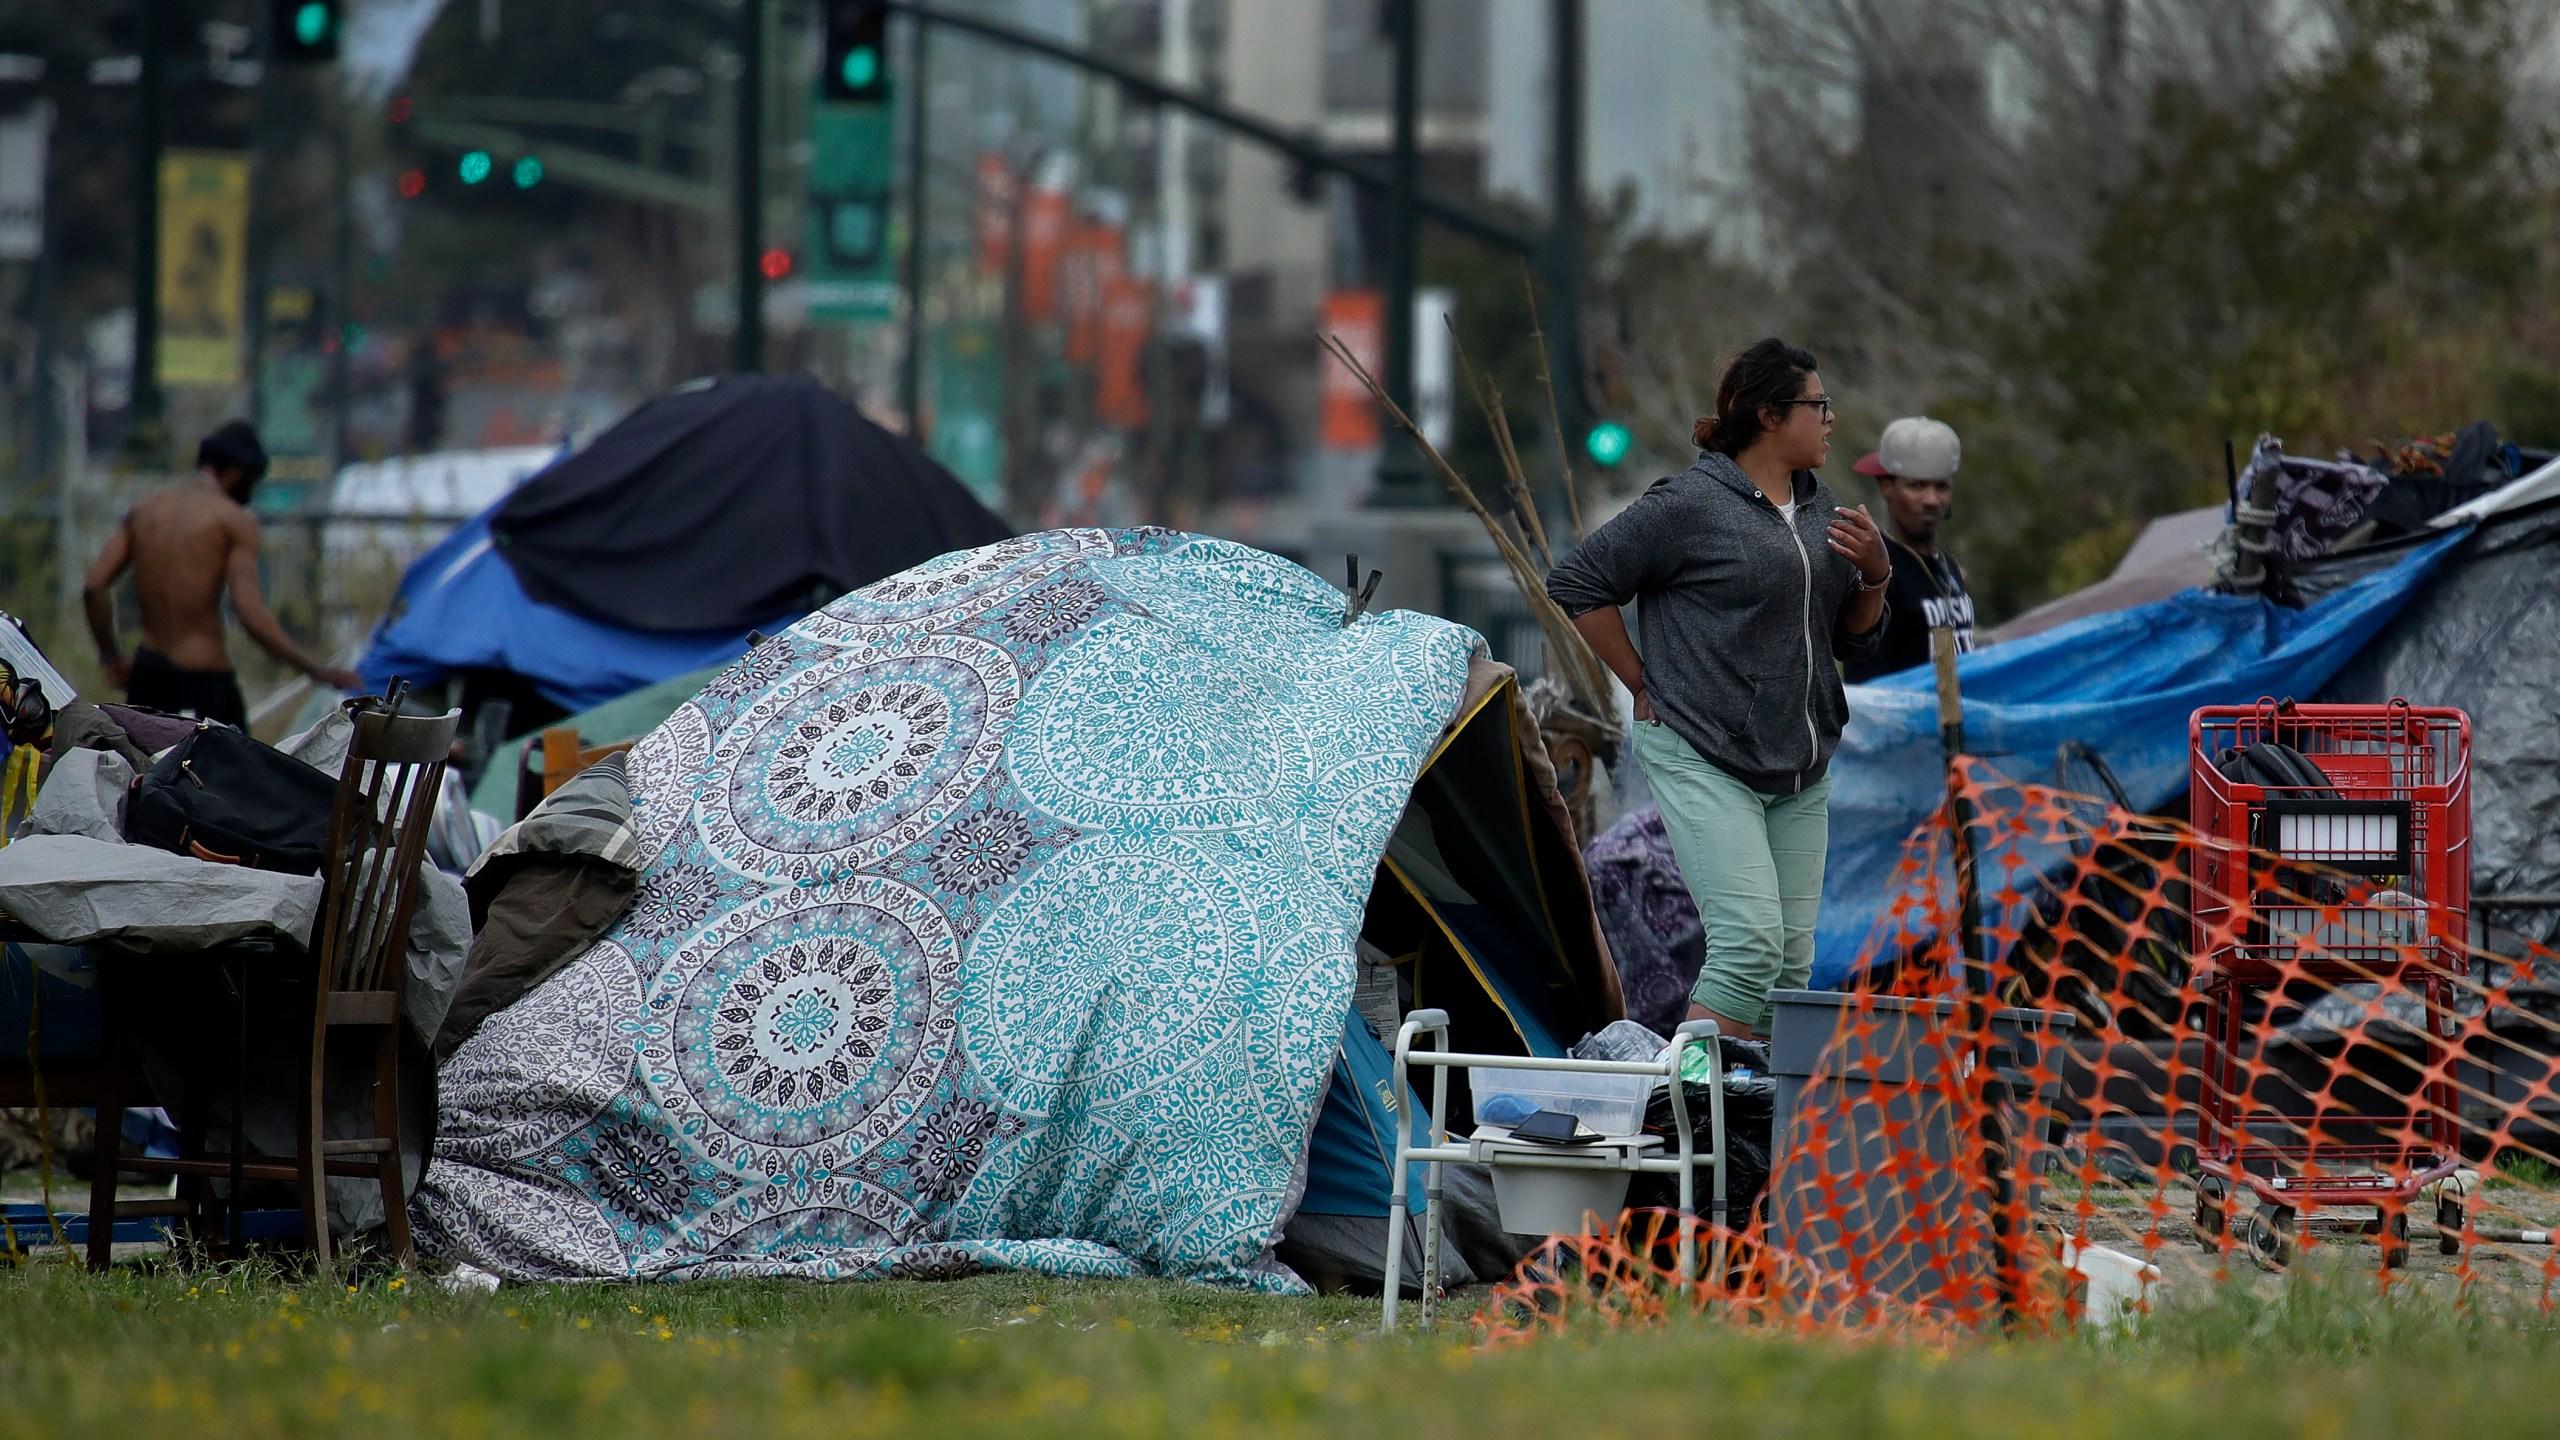 Oakland Homeless Covid-19